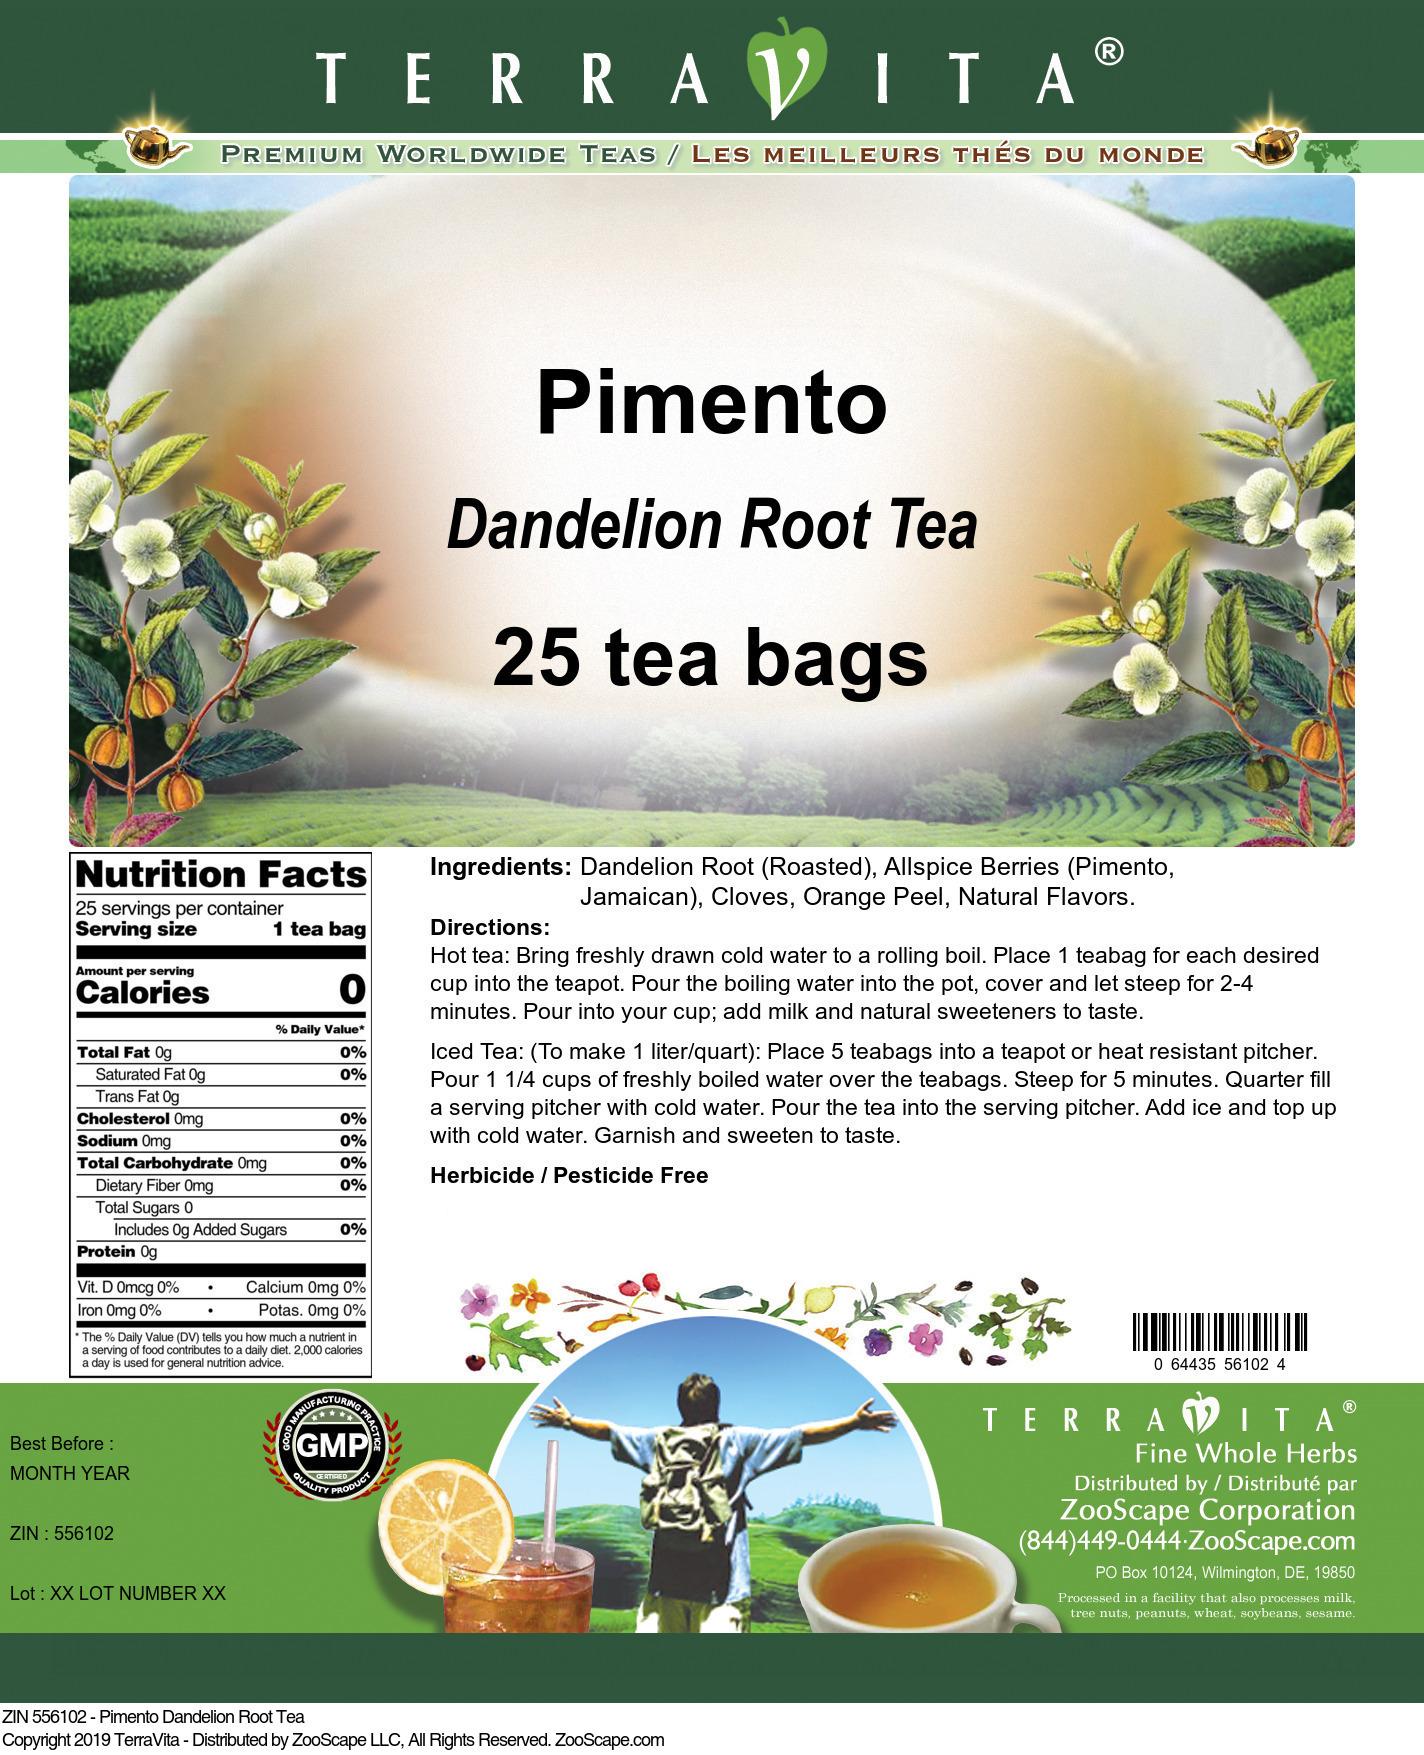 Pimento Dandelion Root Tea